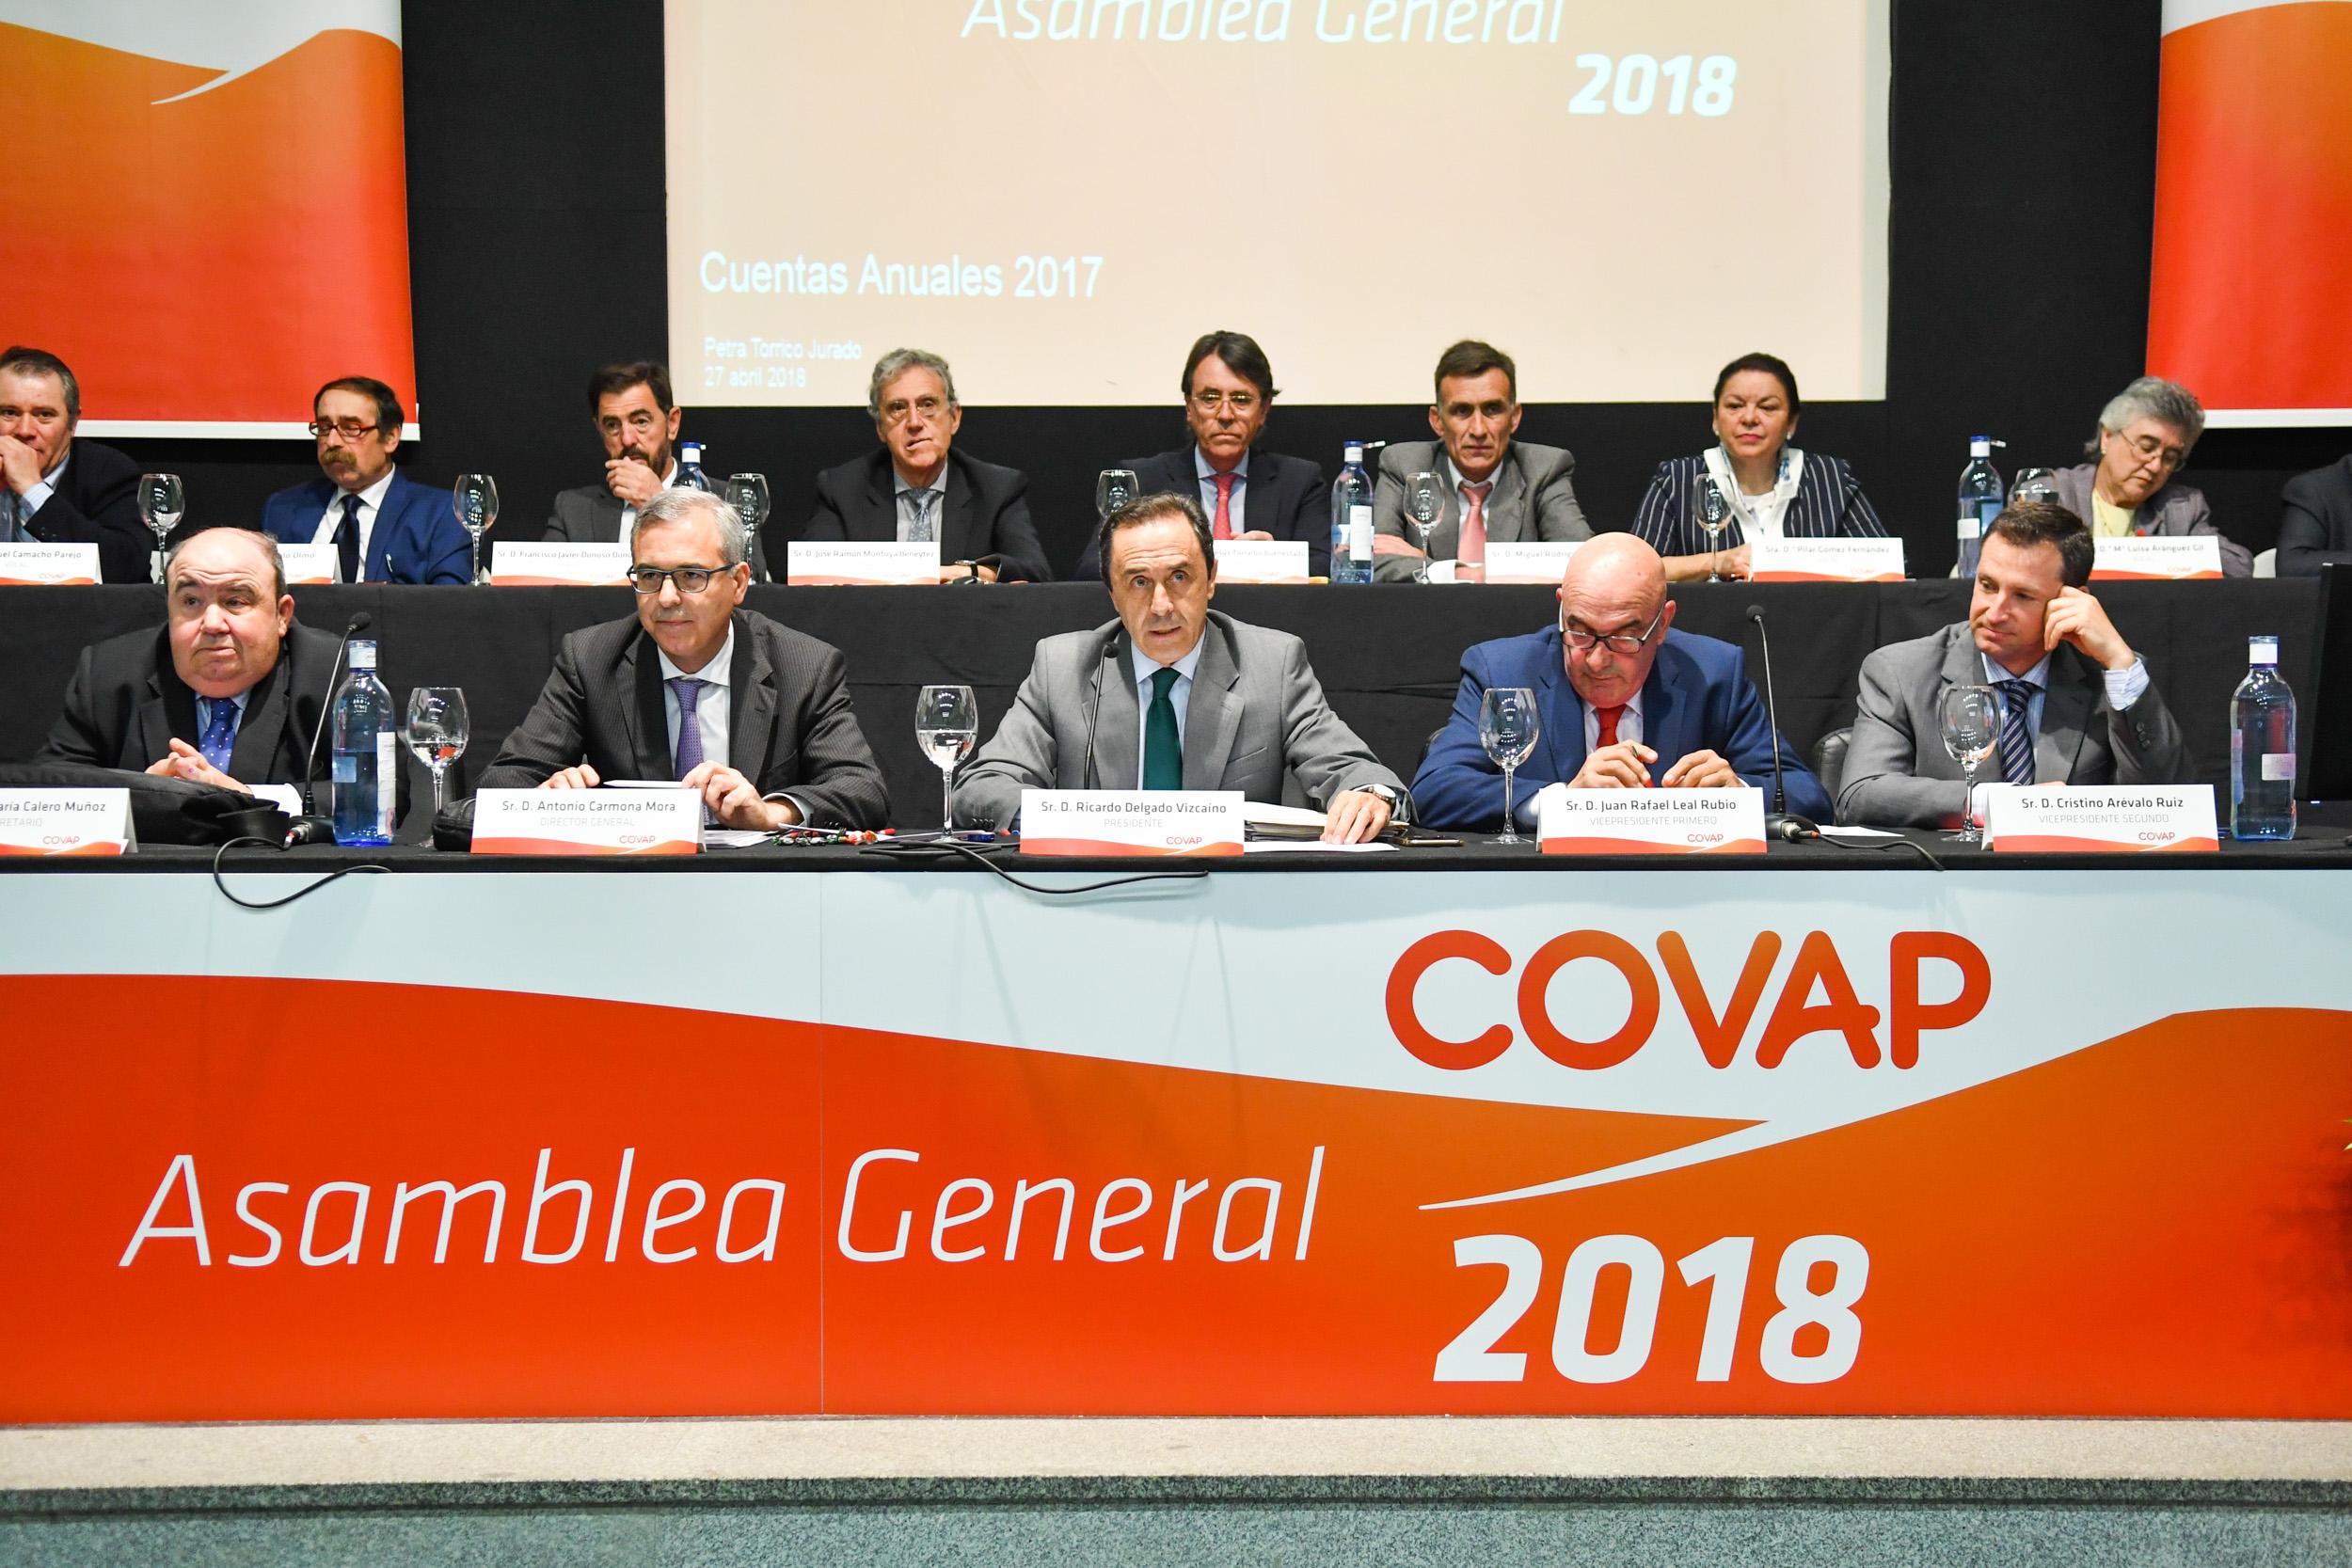 Asamblea General COVAP 2018 | COVAP